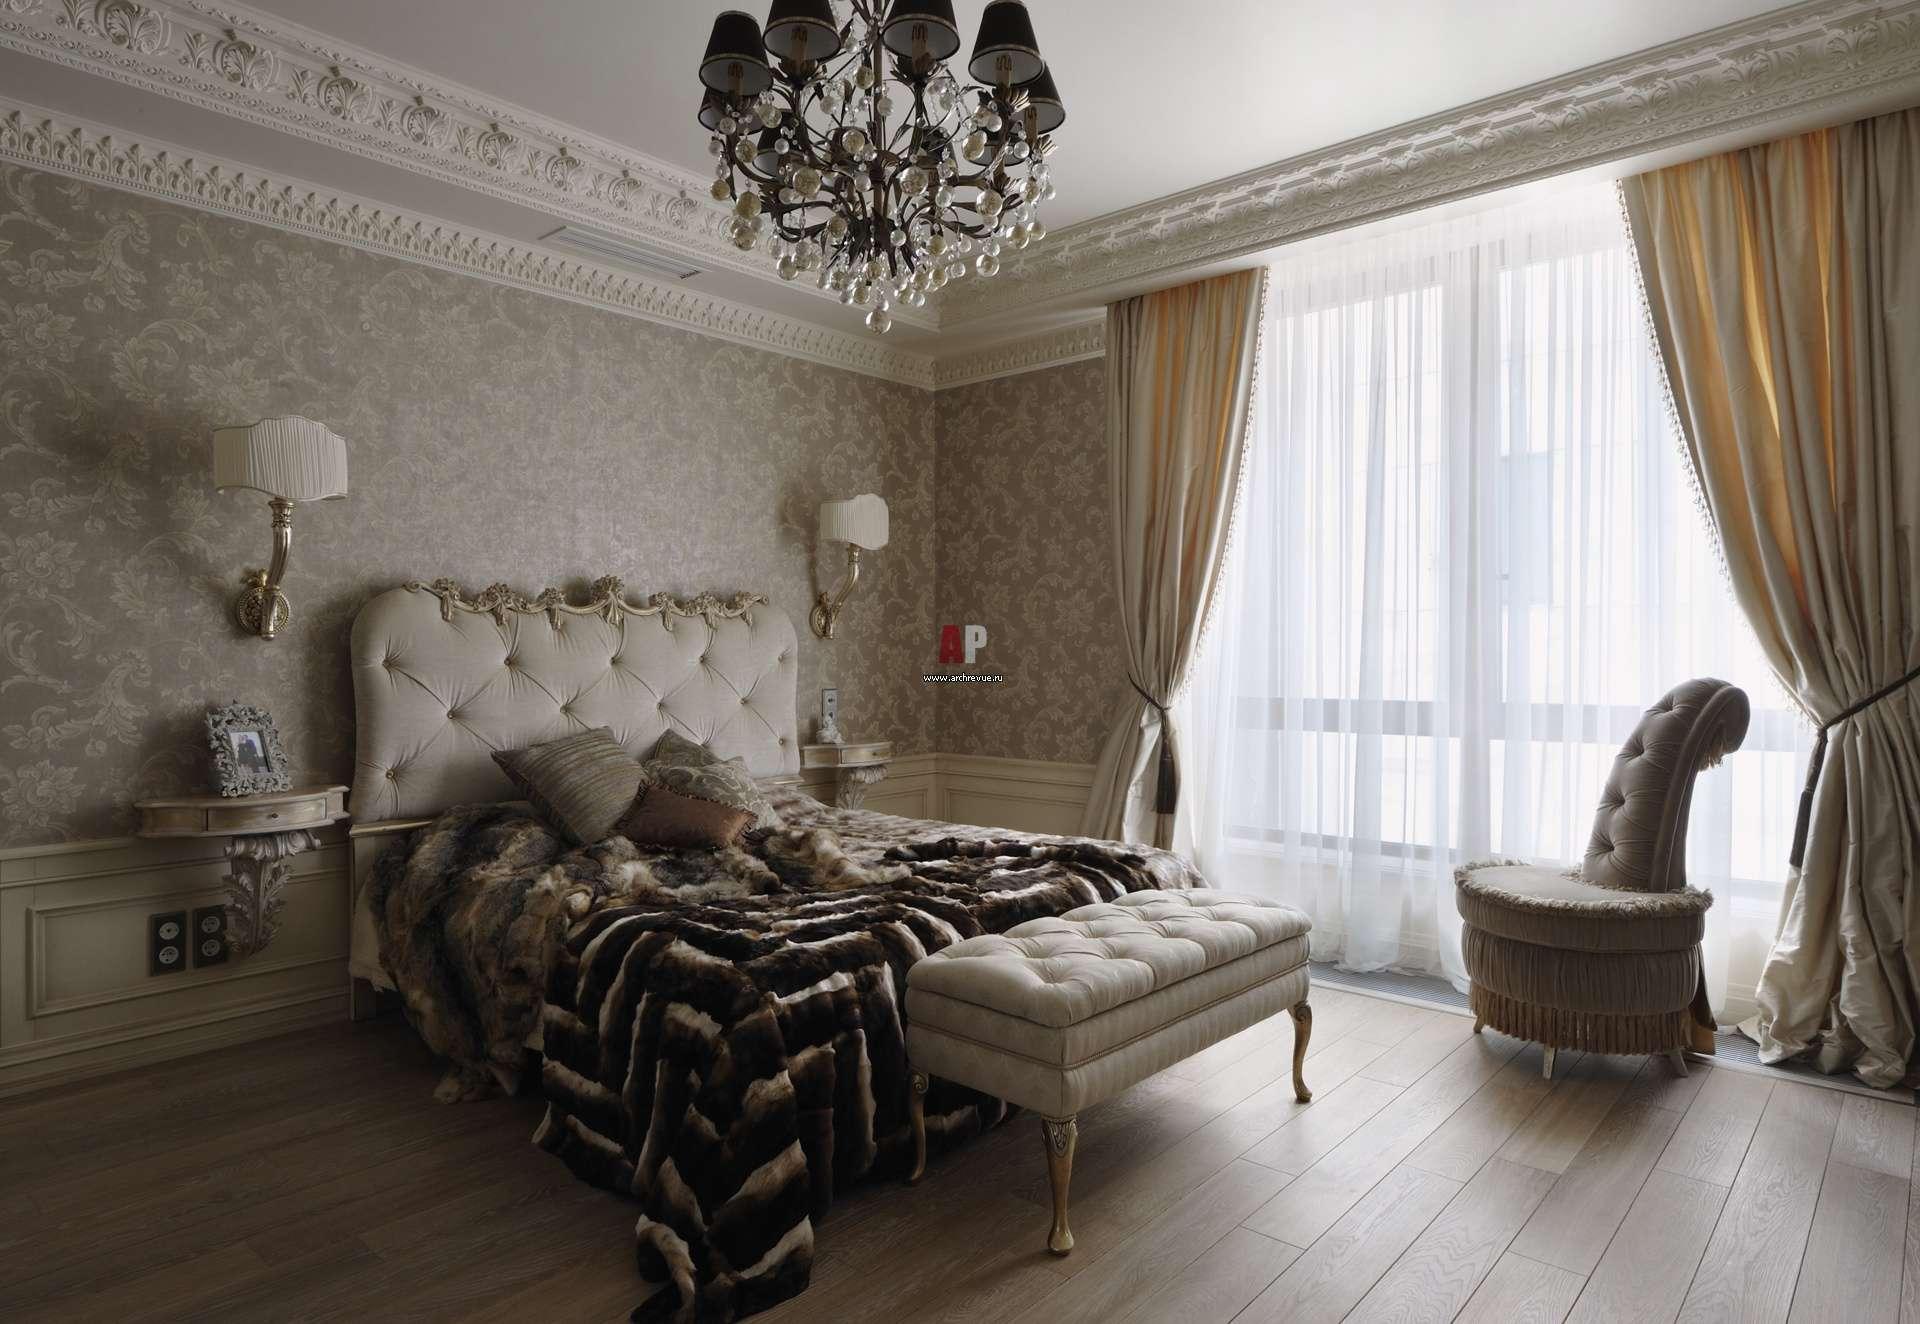 Текстильные обои в интерьере в классическом стиле